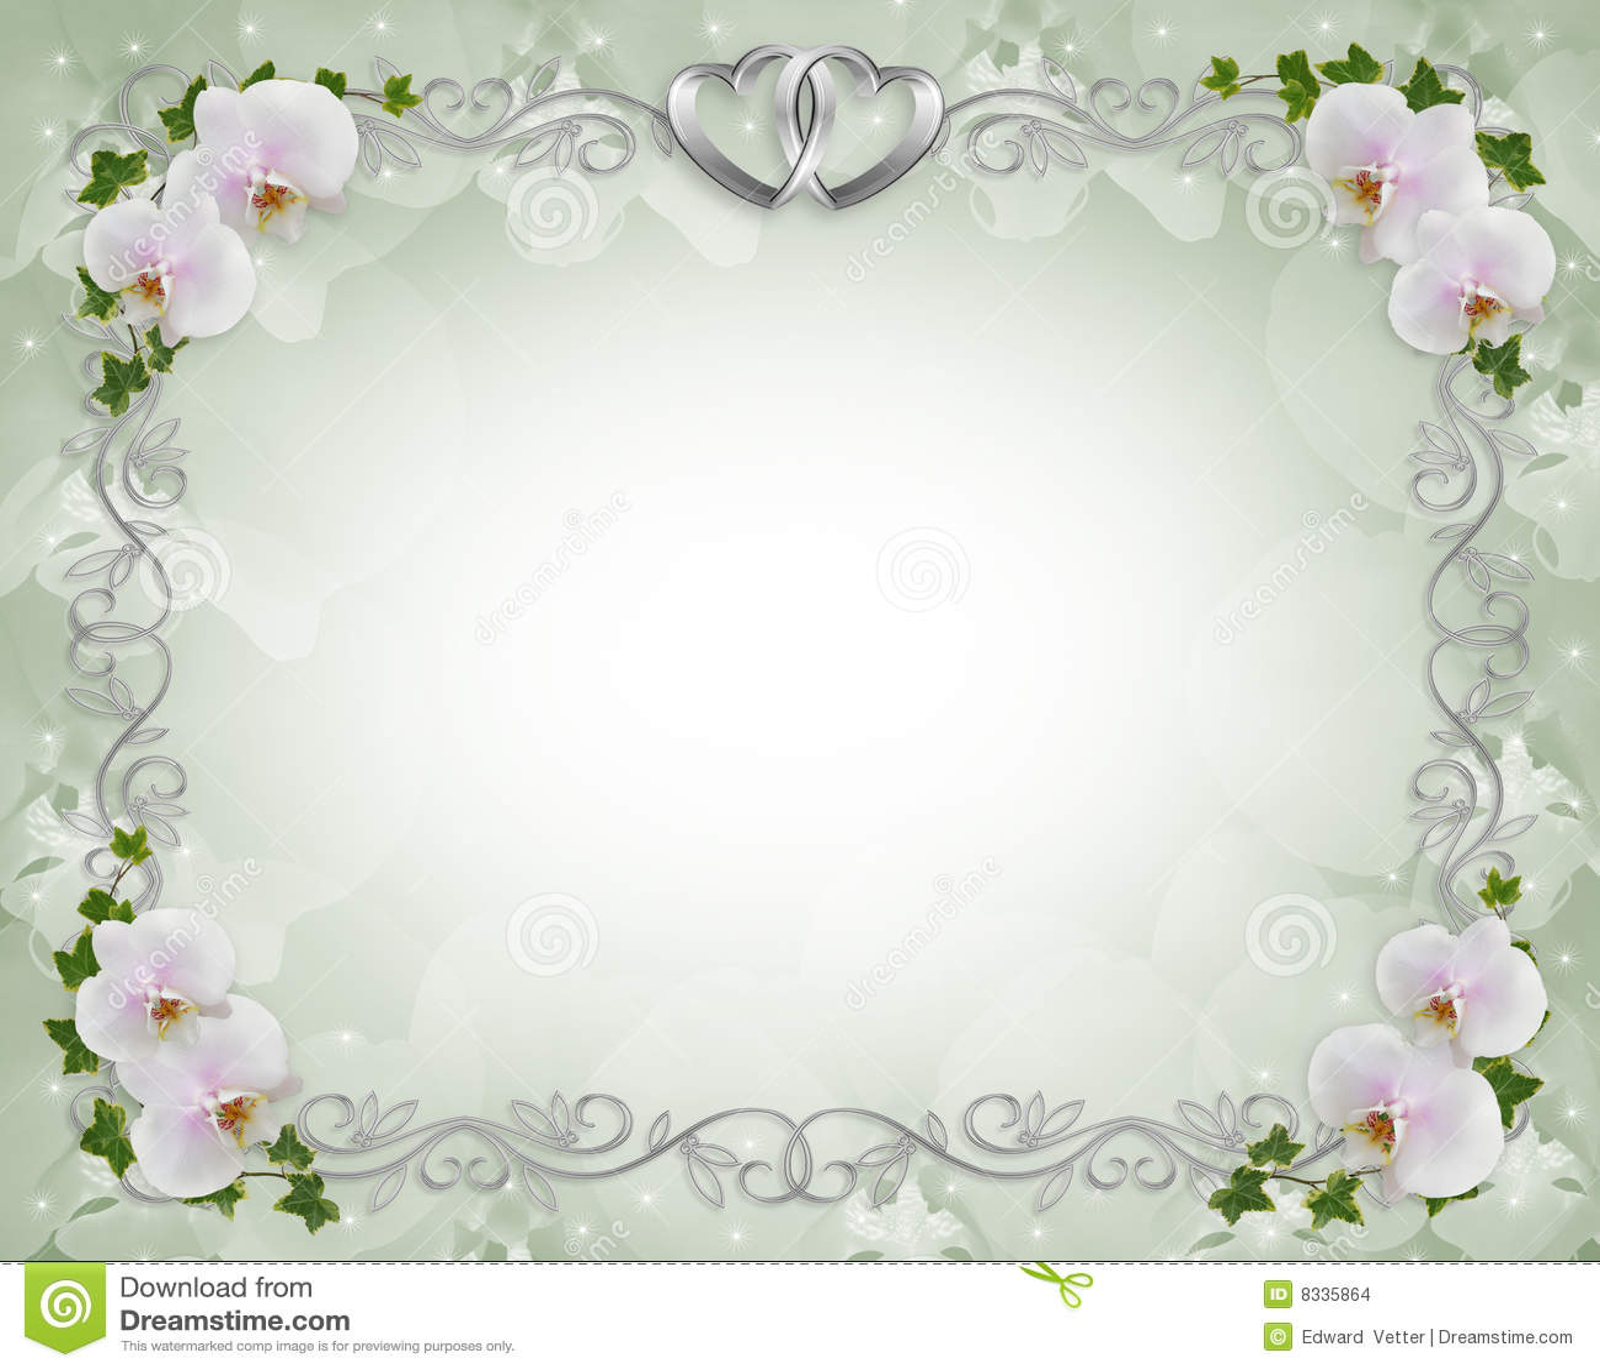 lierre d 39 orchid es de cadre d 39 invitation de mariage images stock image 8335864. Black Bedroom Furniture Sets. Home Design Ideas